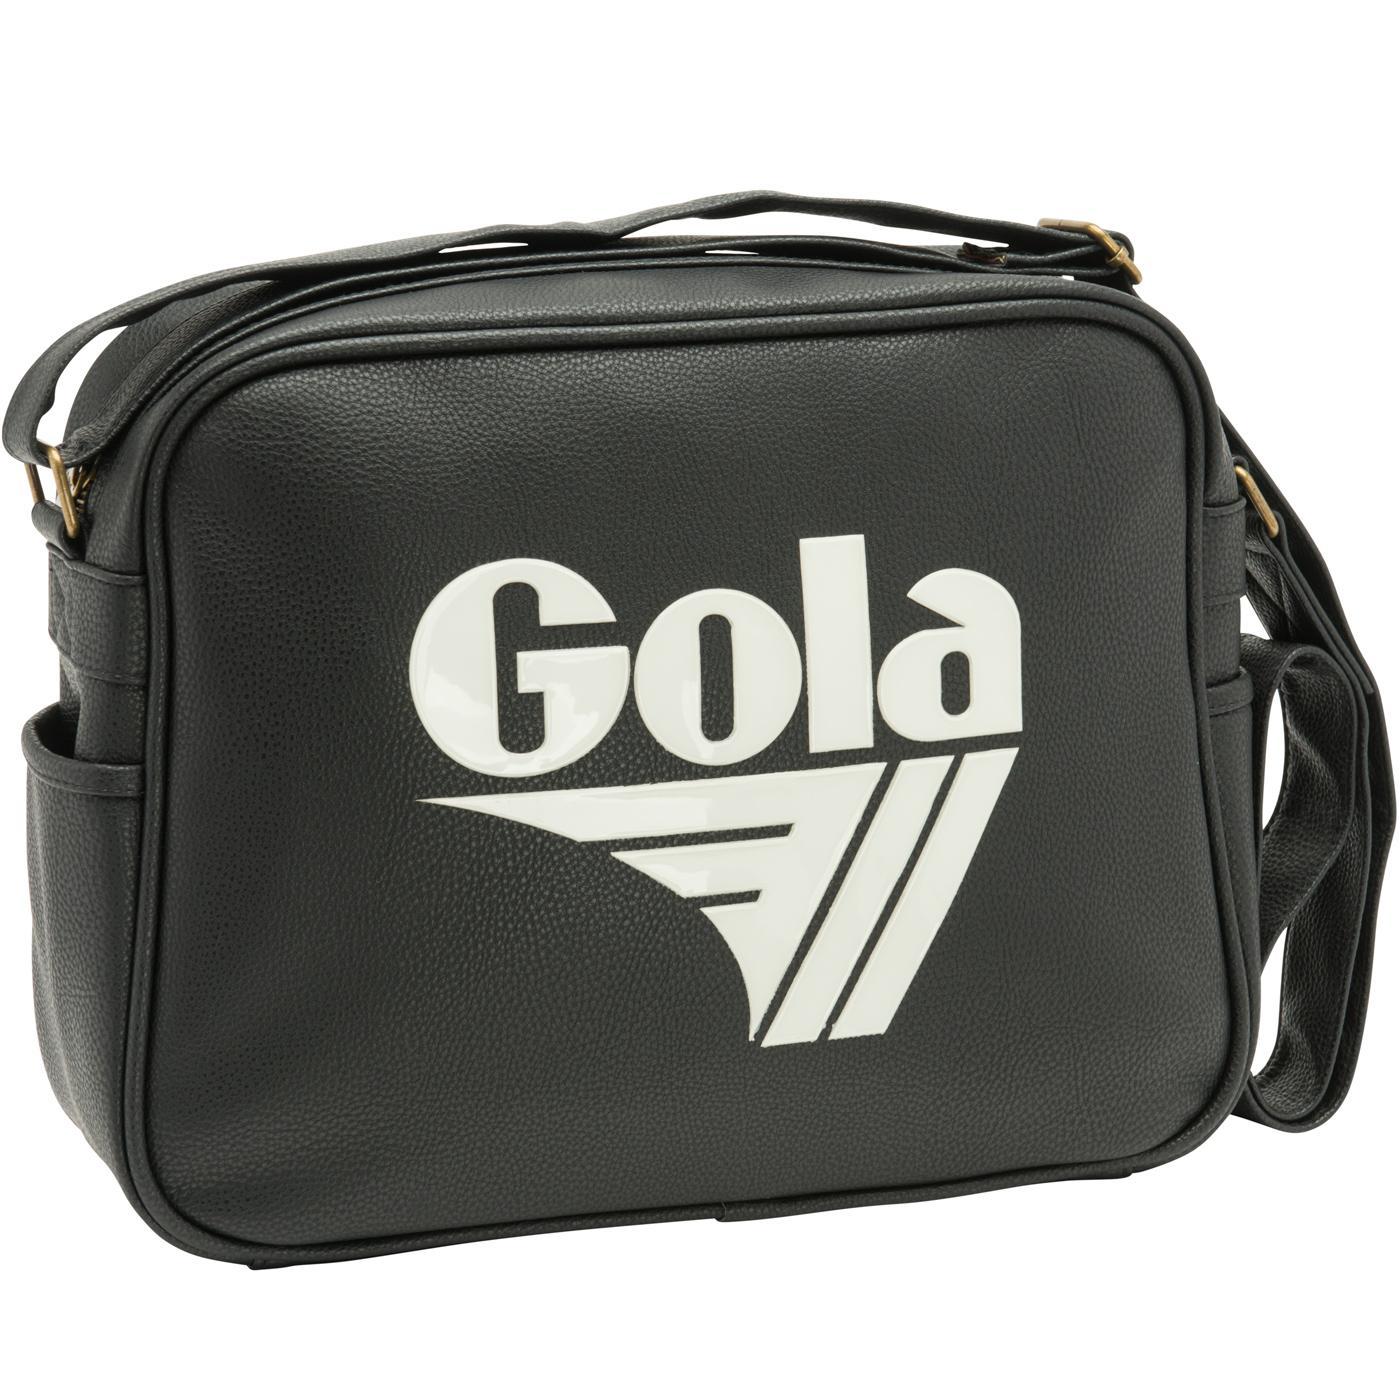 Redford Tournament GOLA Retro Messenger Bag BLACK